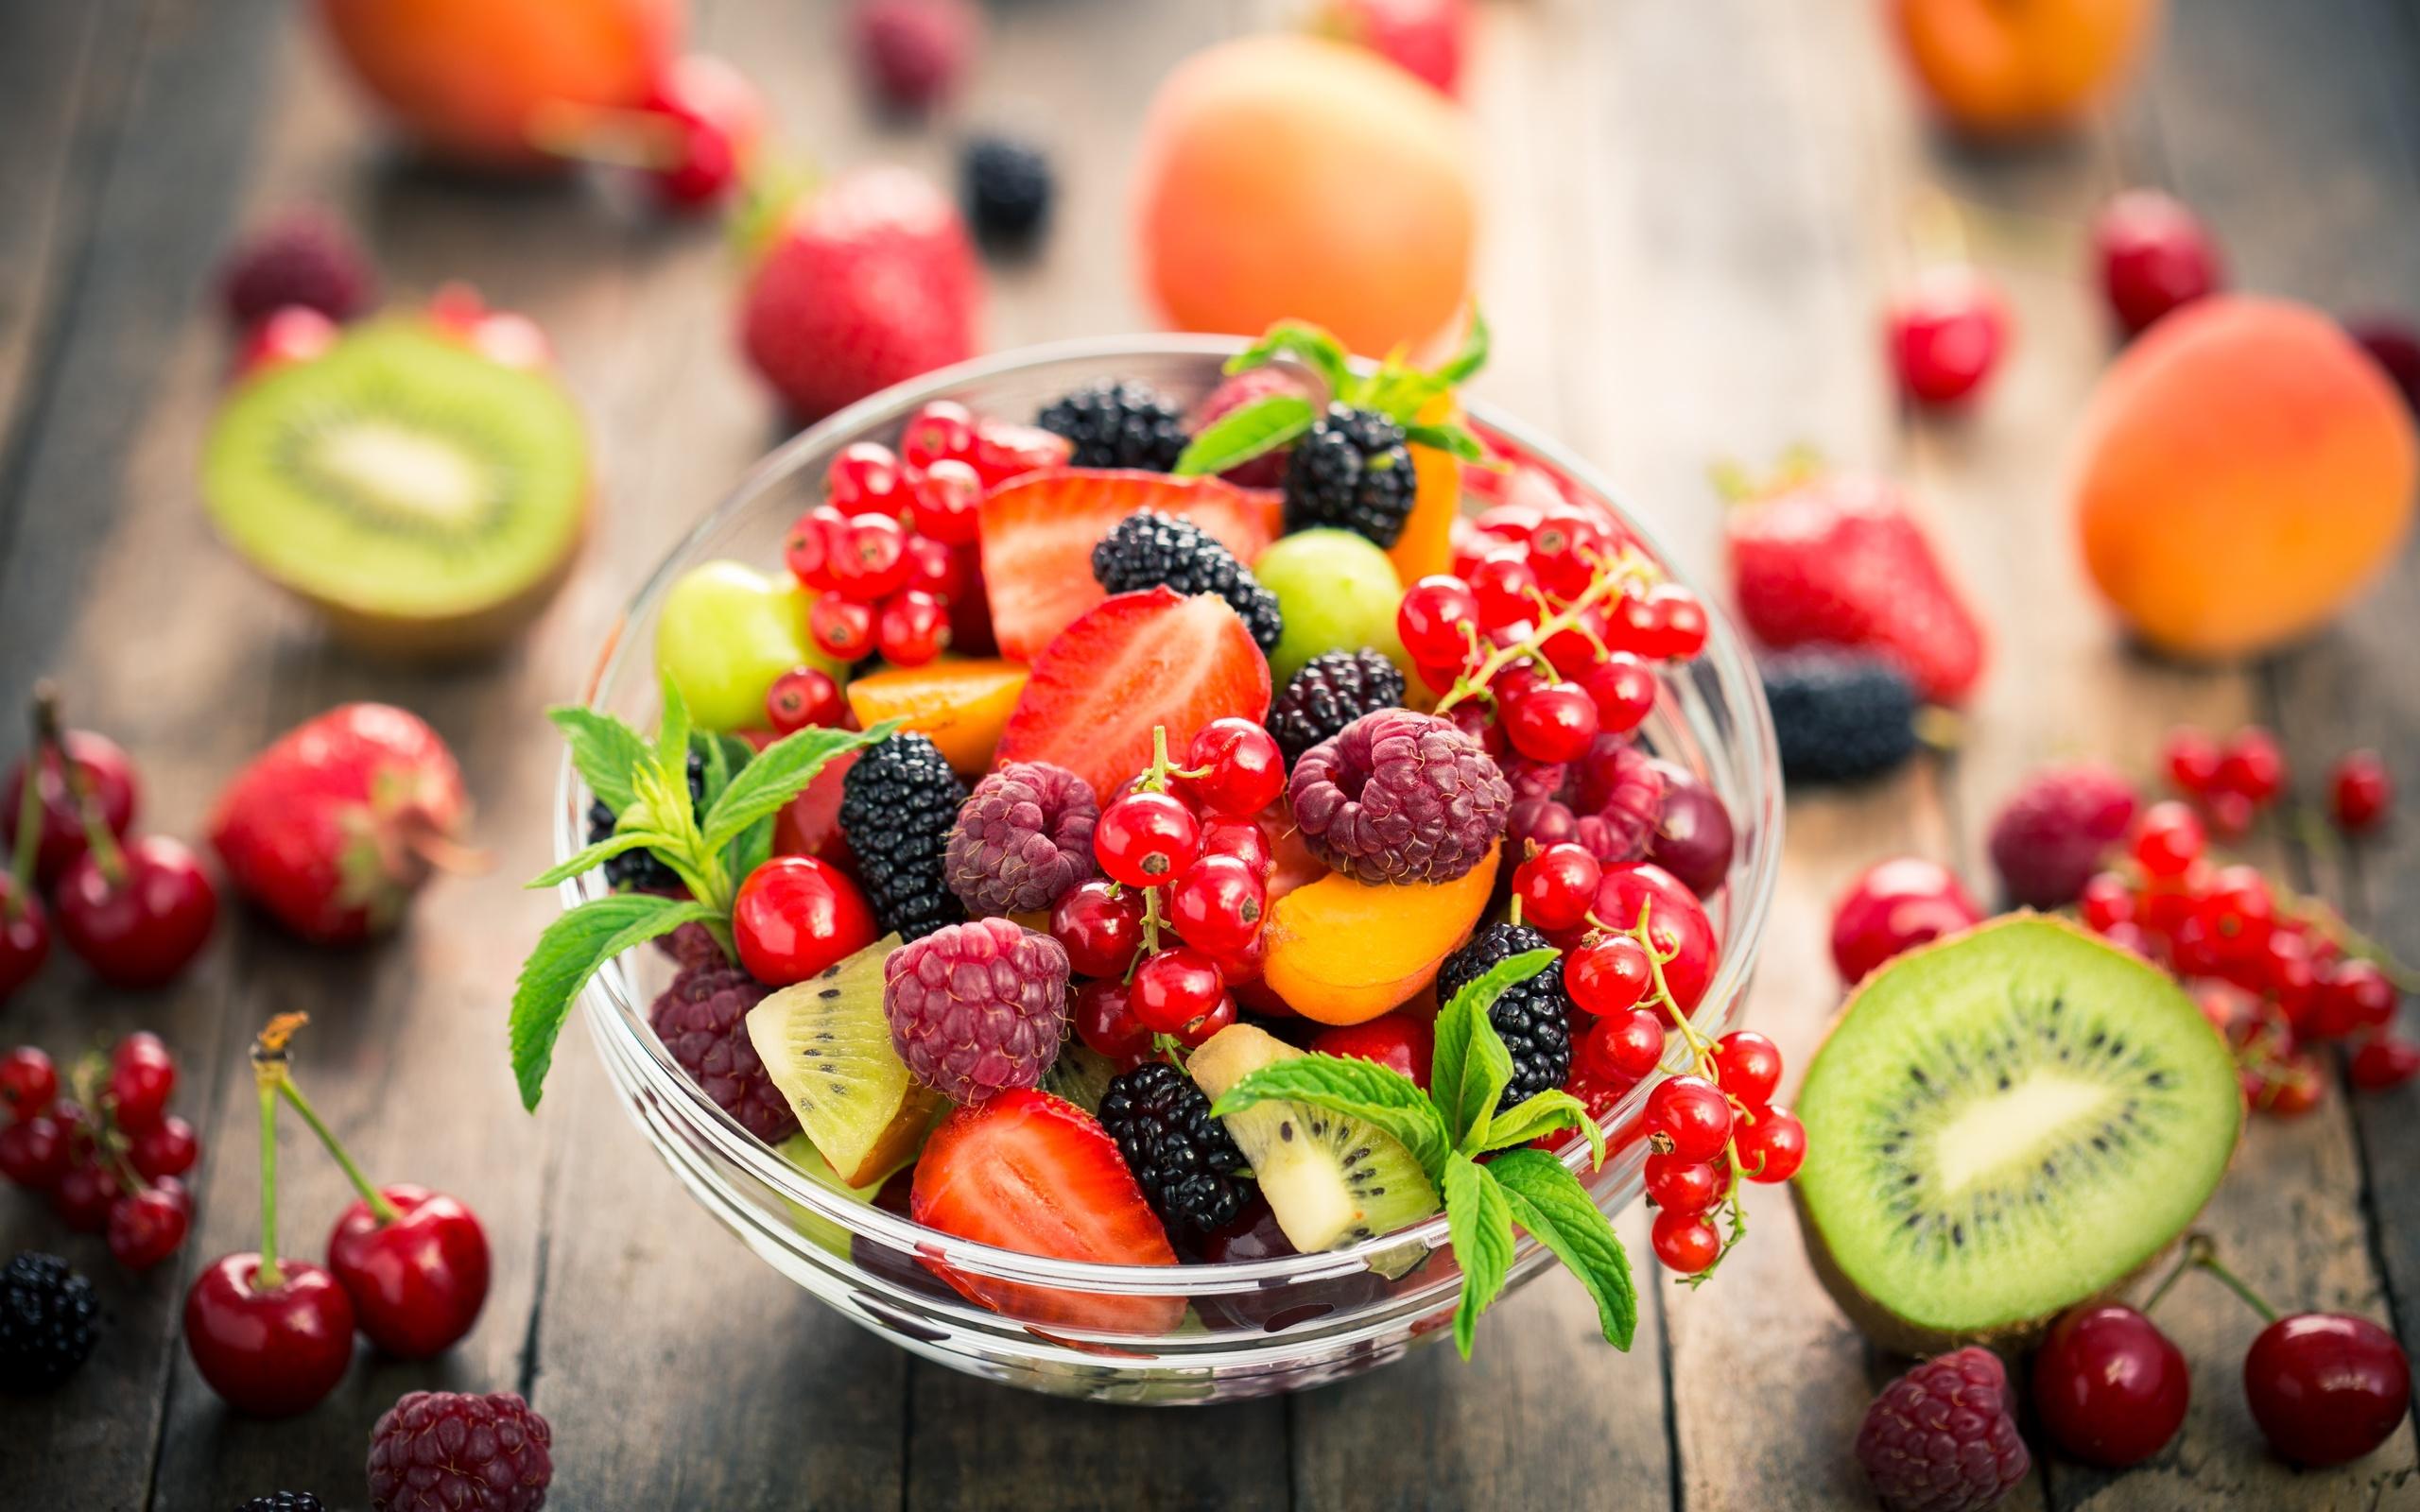 Картинки столов с фруктами